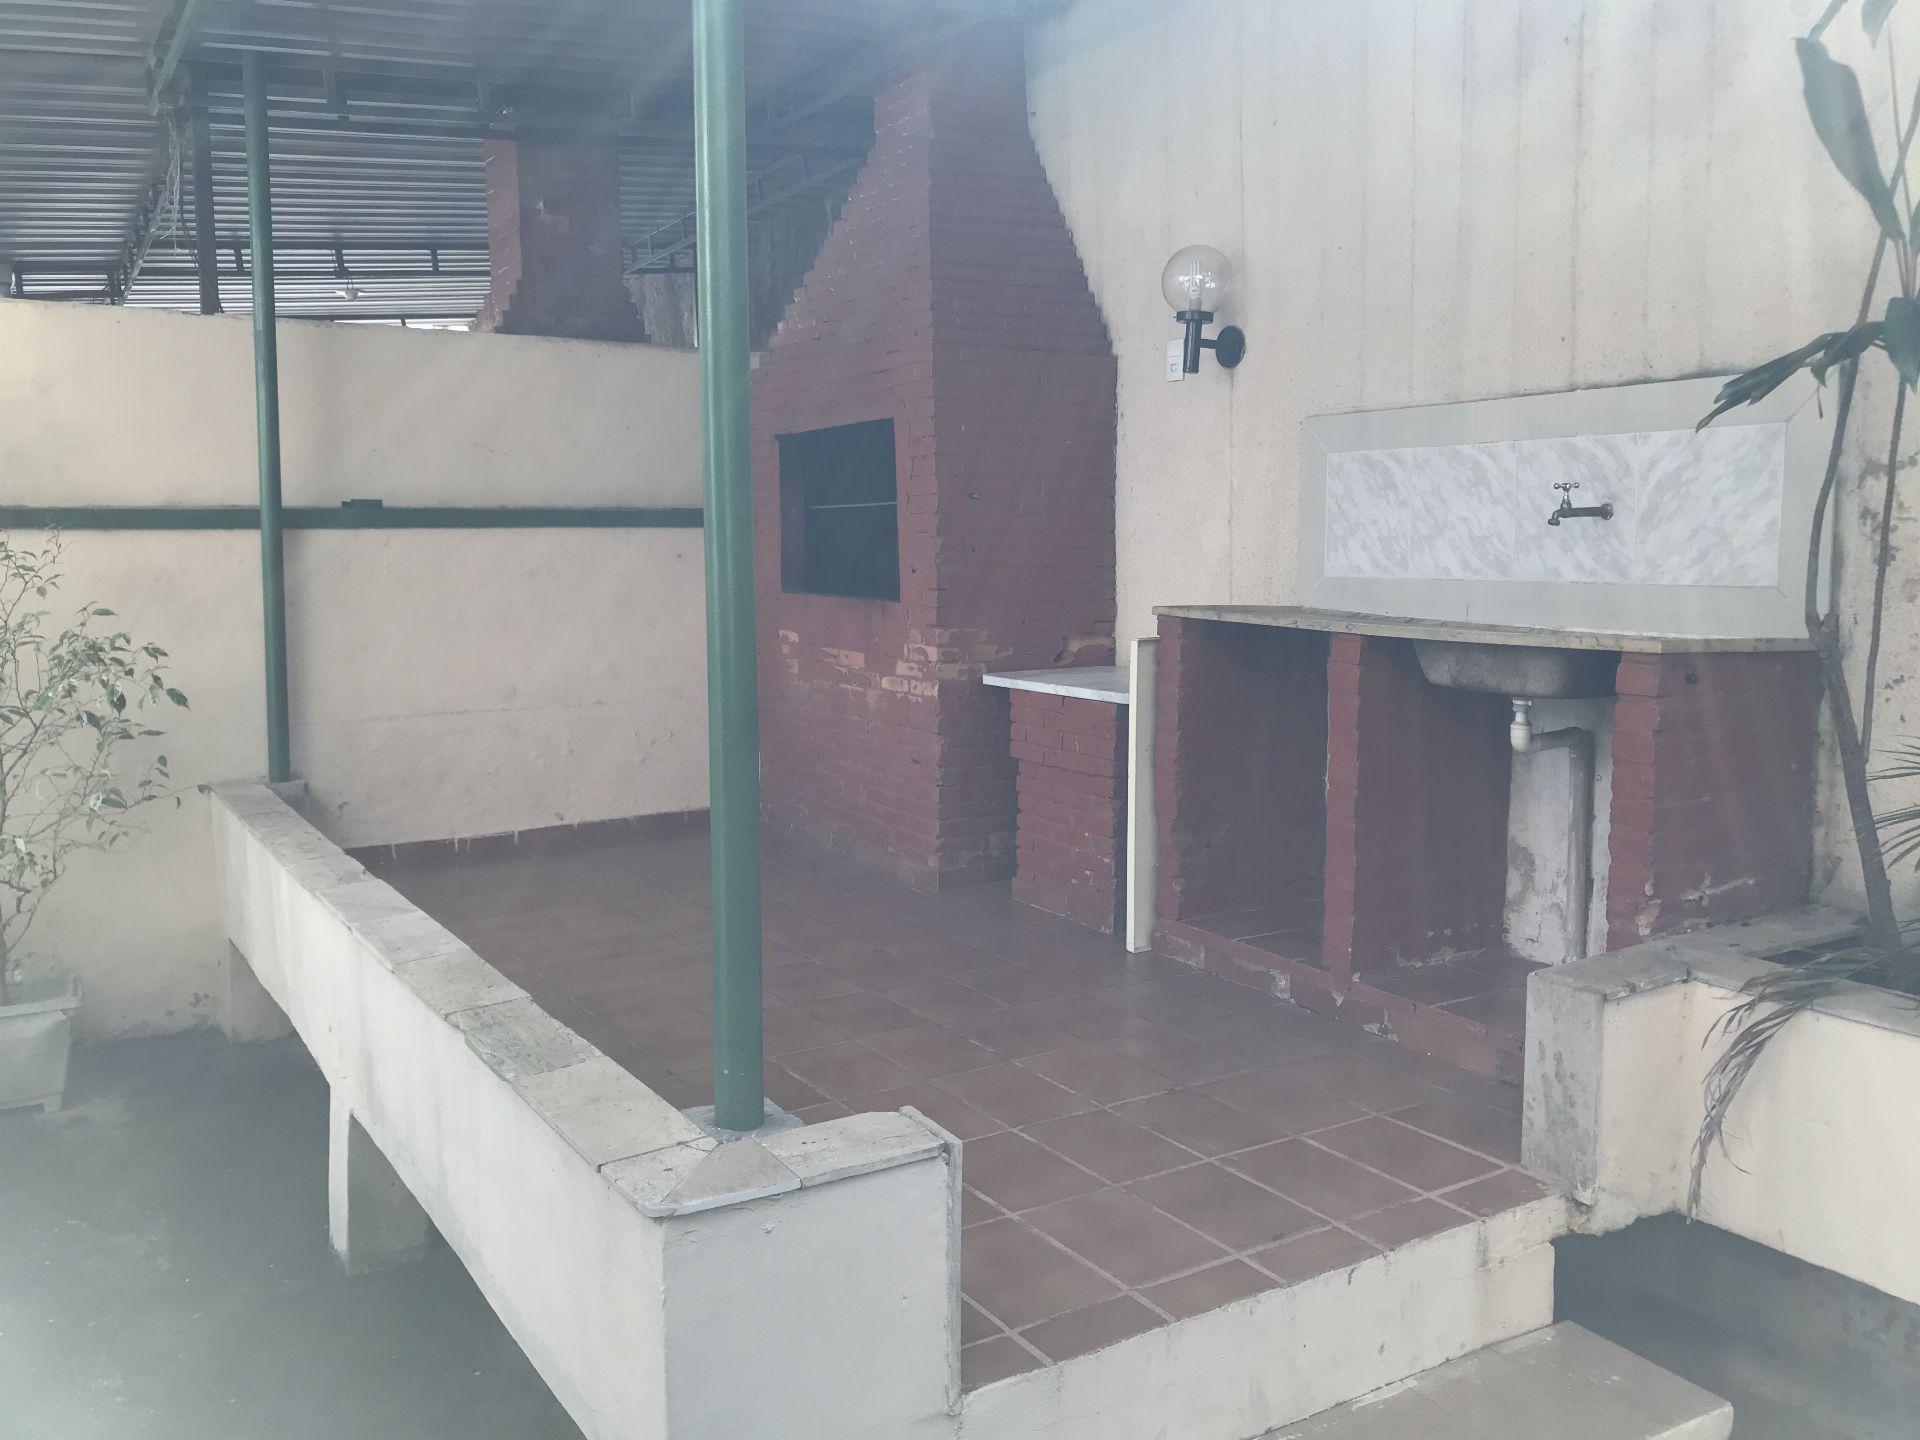 FOTO 19 - Apartamento à venda Rua Capitão Menezes,Praça Seca, Rio de Janeiro - R$ 290.000 - RF175 - 20